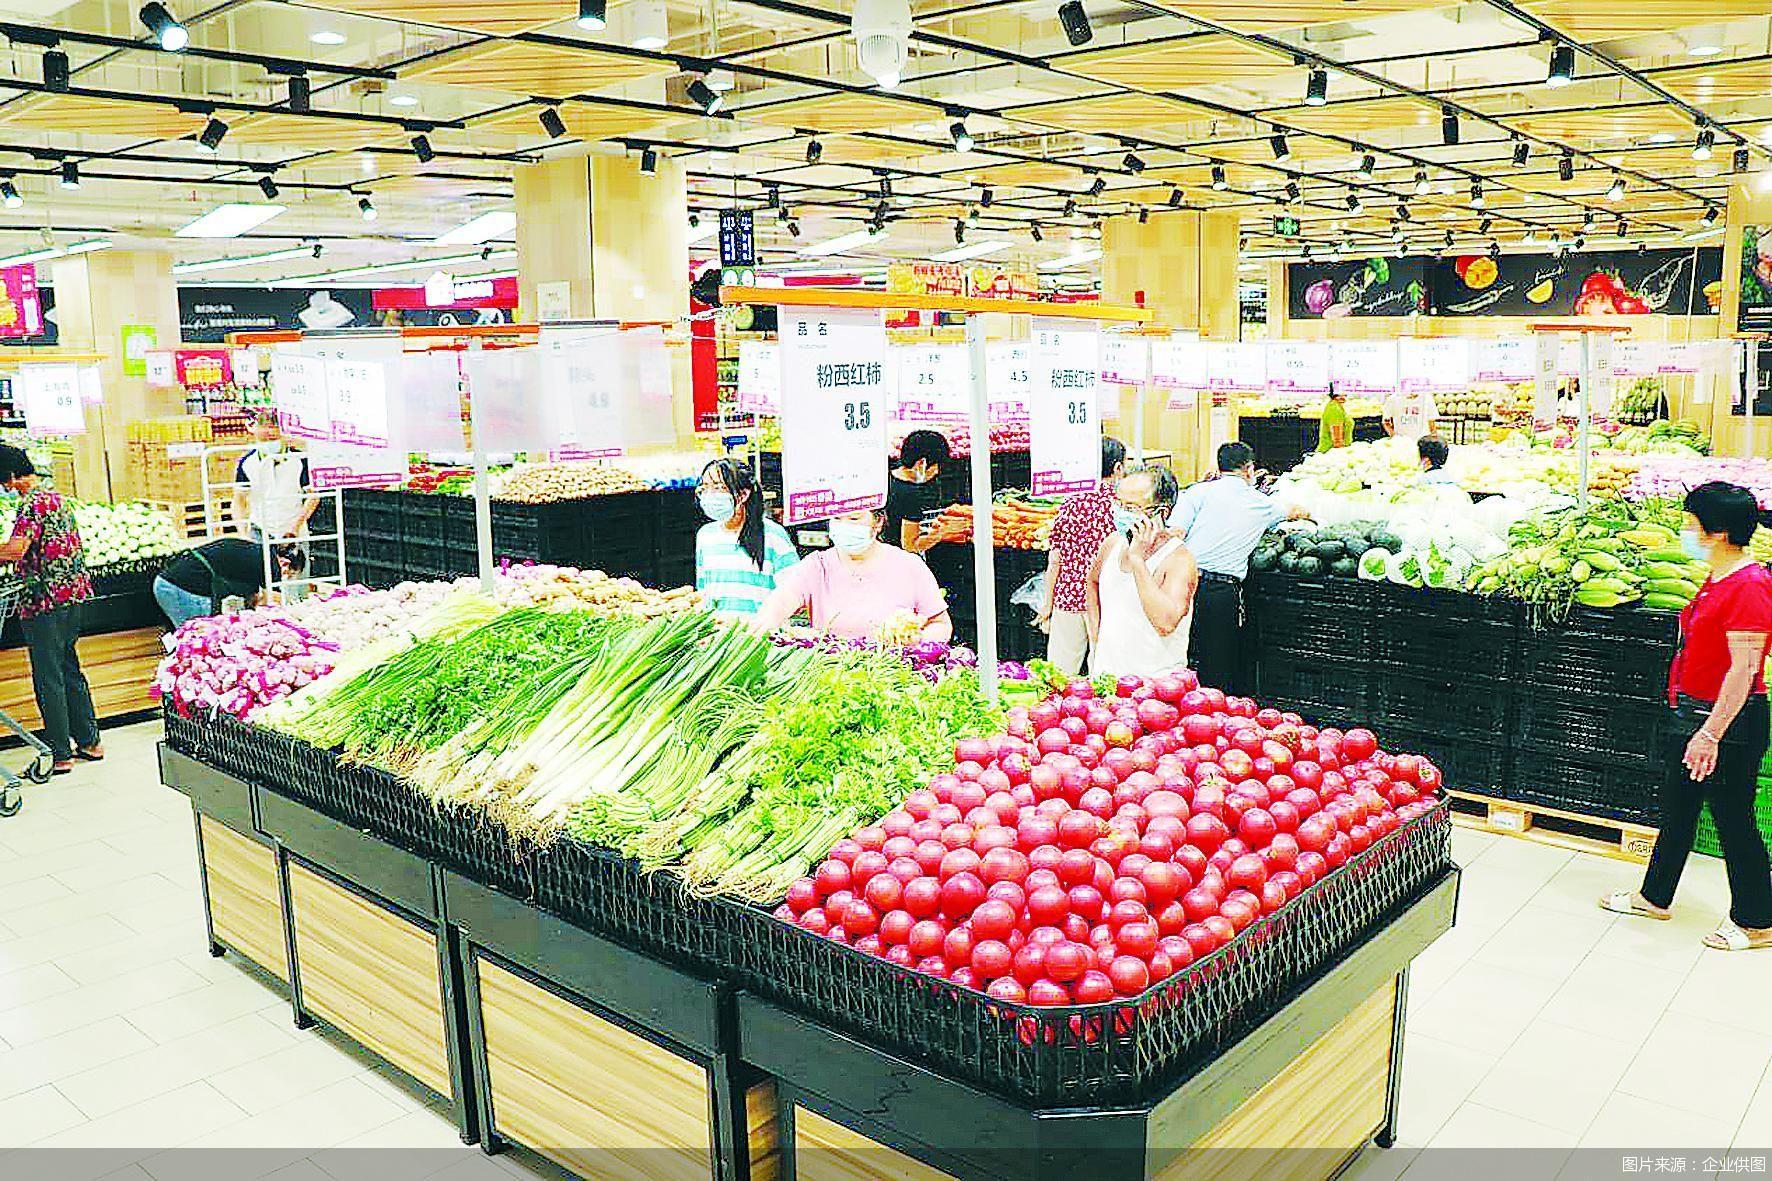 国内零售市场高速变化 永辉超市想要盘活生鲜这盘棋有待考验